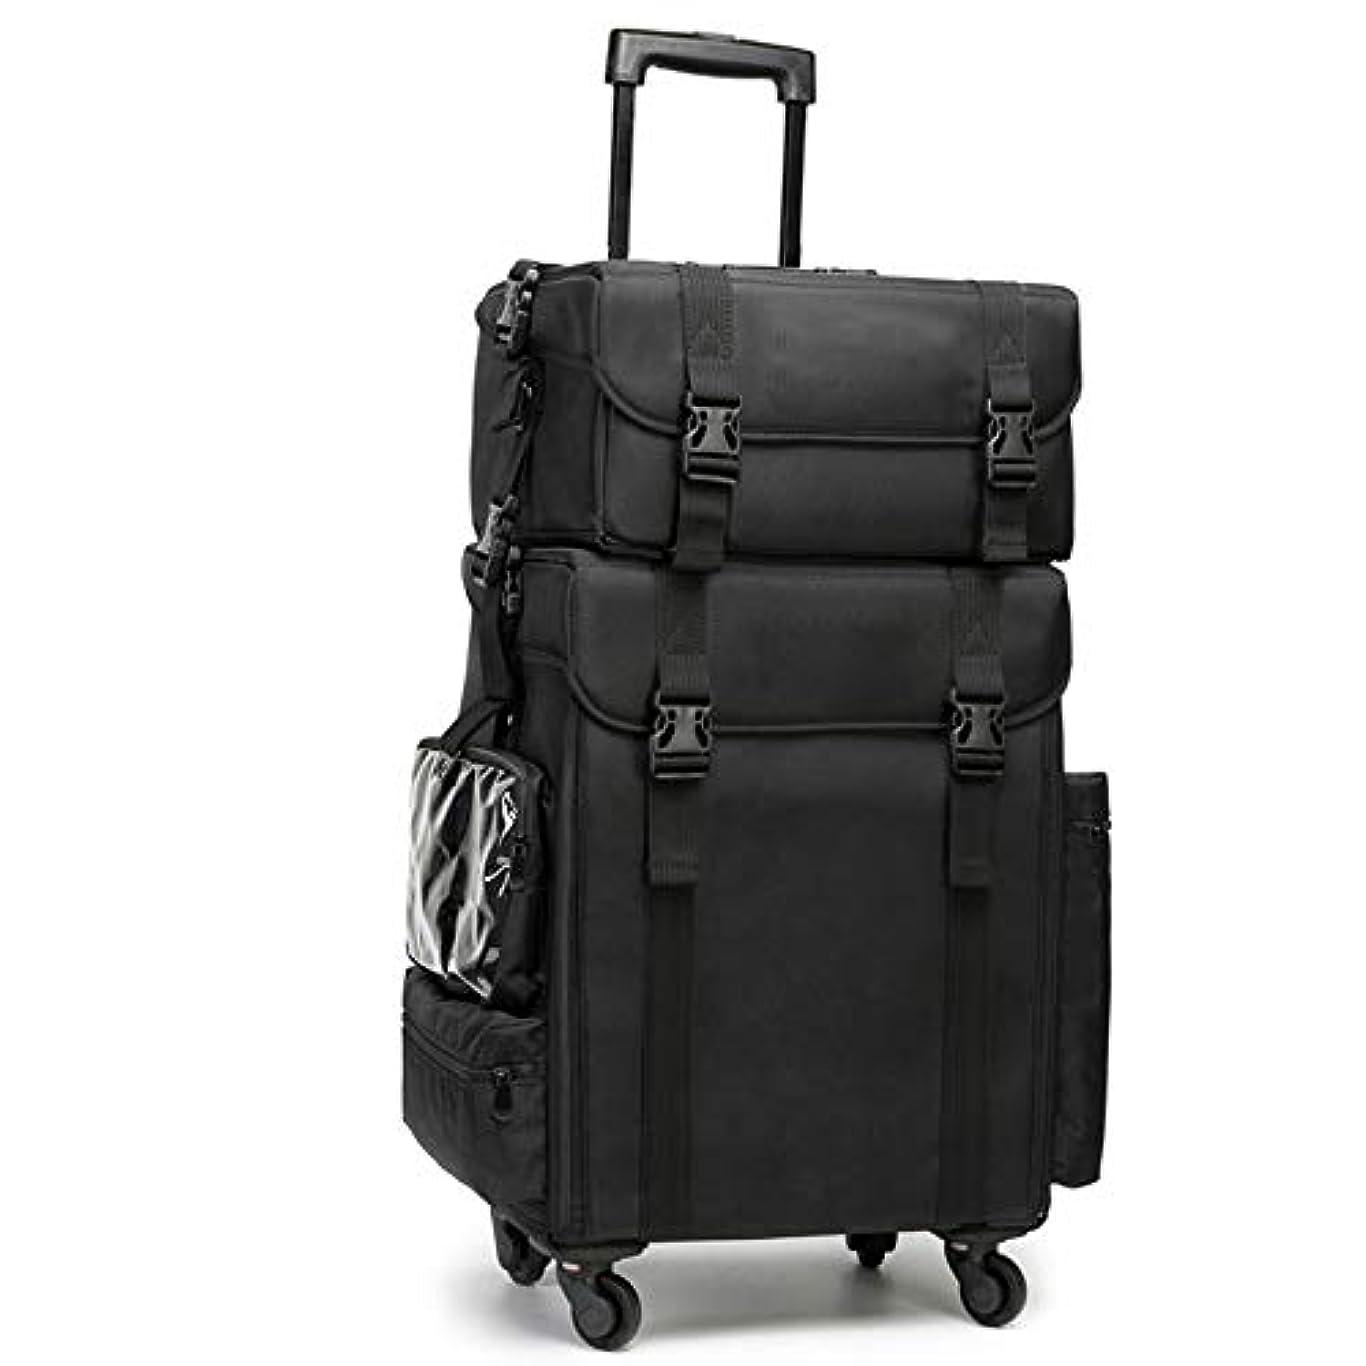 バラバラにする有害廃棄するGOGOS メイクボックス 大容量 プロ仕様 コスメボックス スーツケース型 化粧品収納ボックス 美容師 アーティスト バッグ ケース 4輪 キャスター付き 防水 出張 携帯 便利